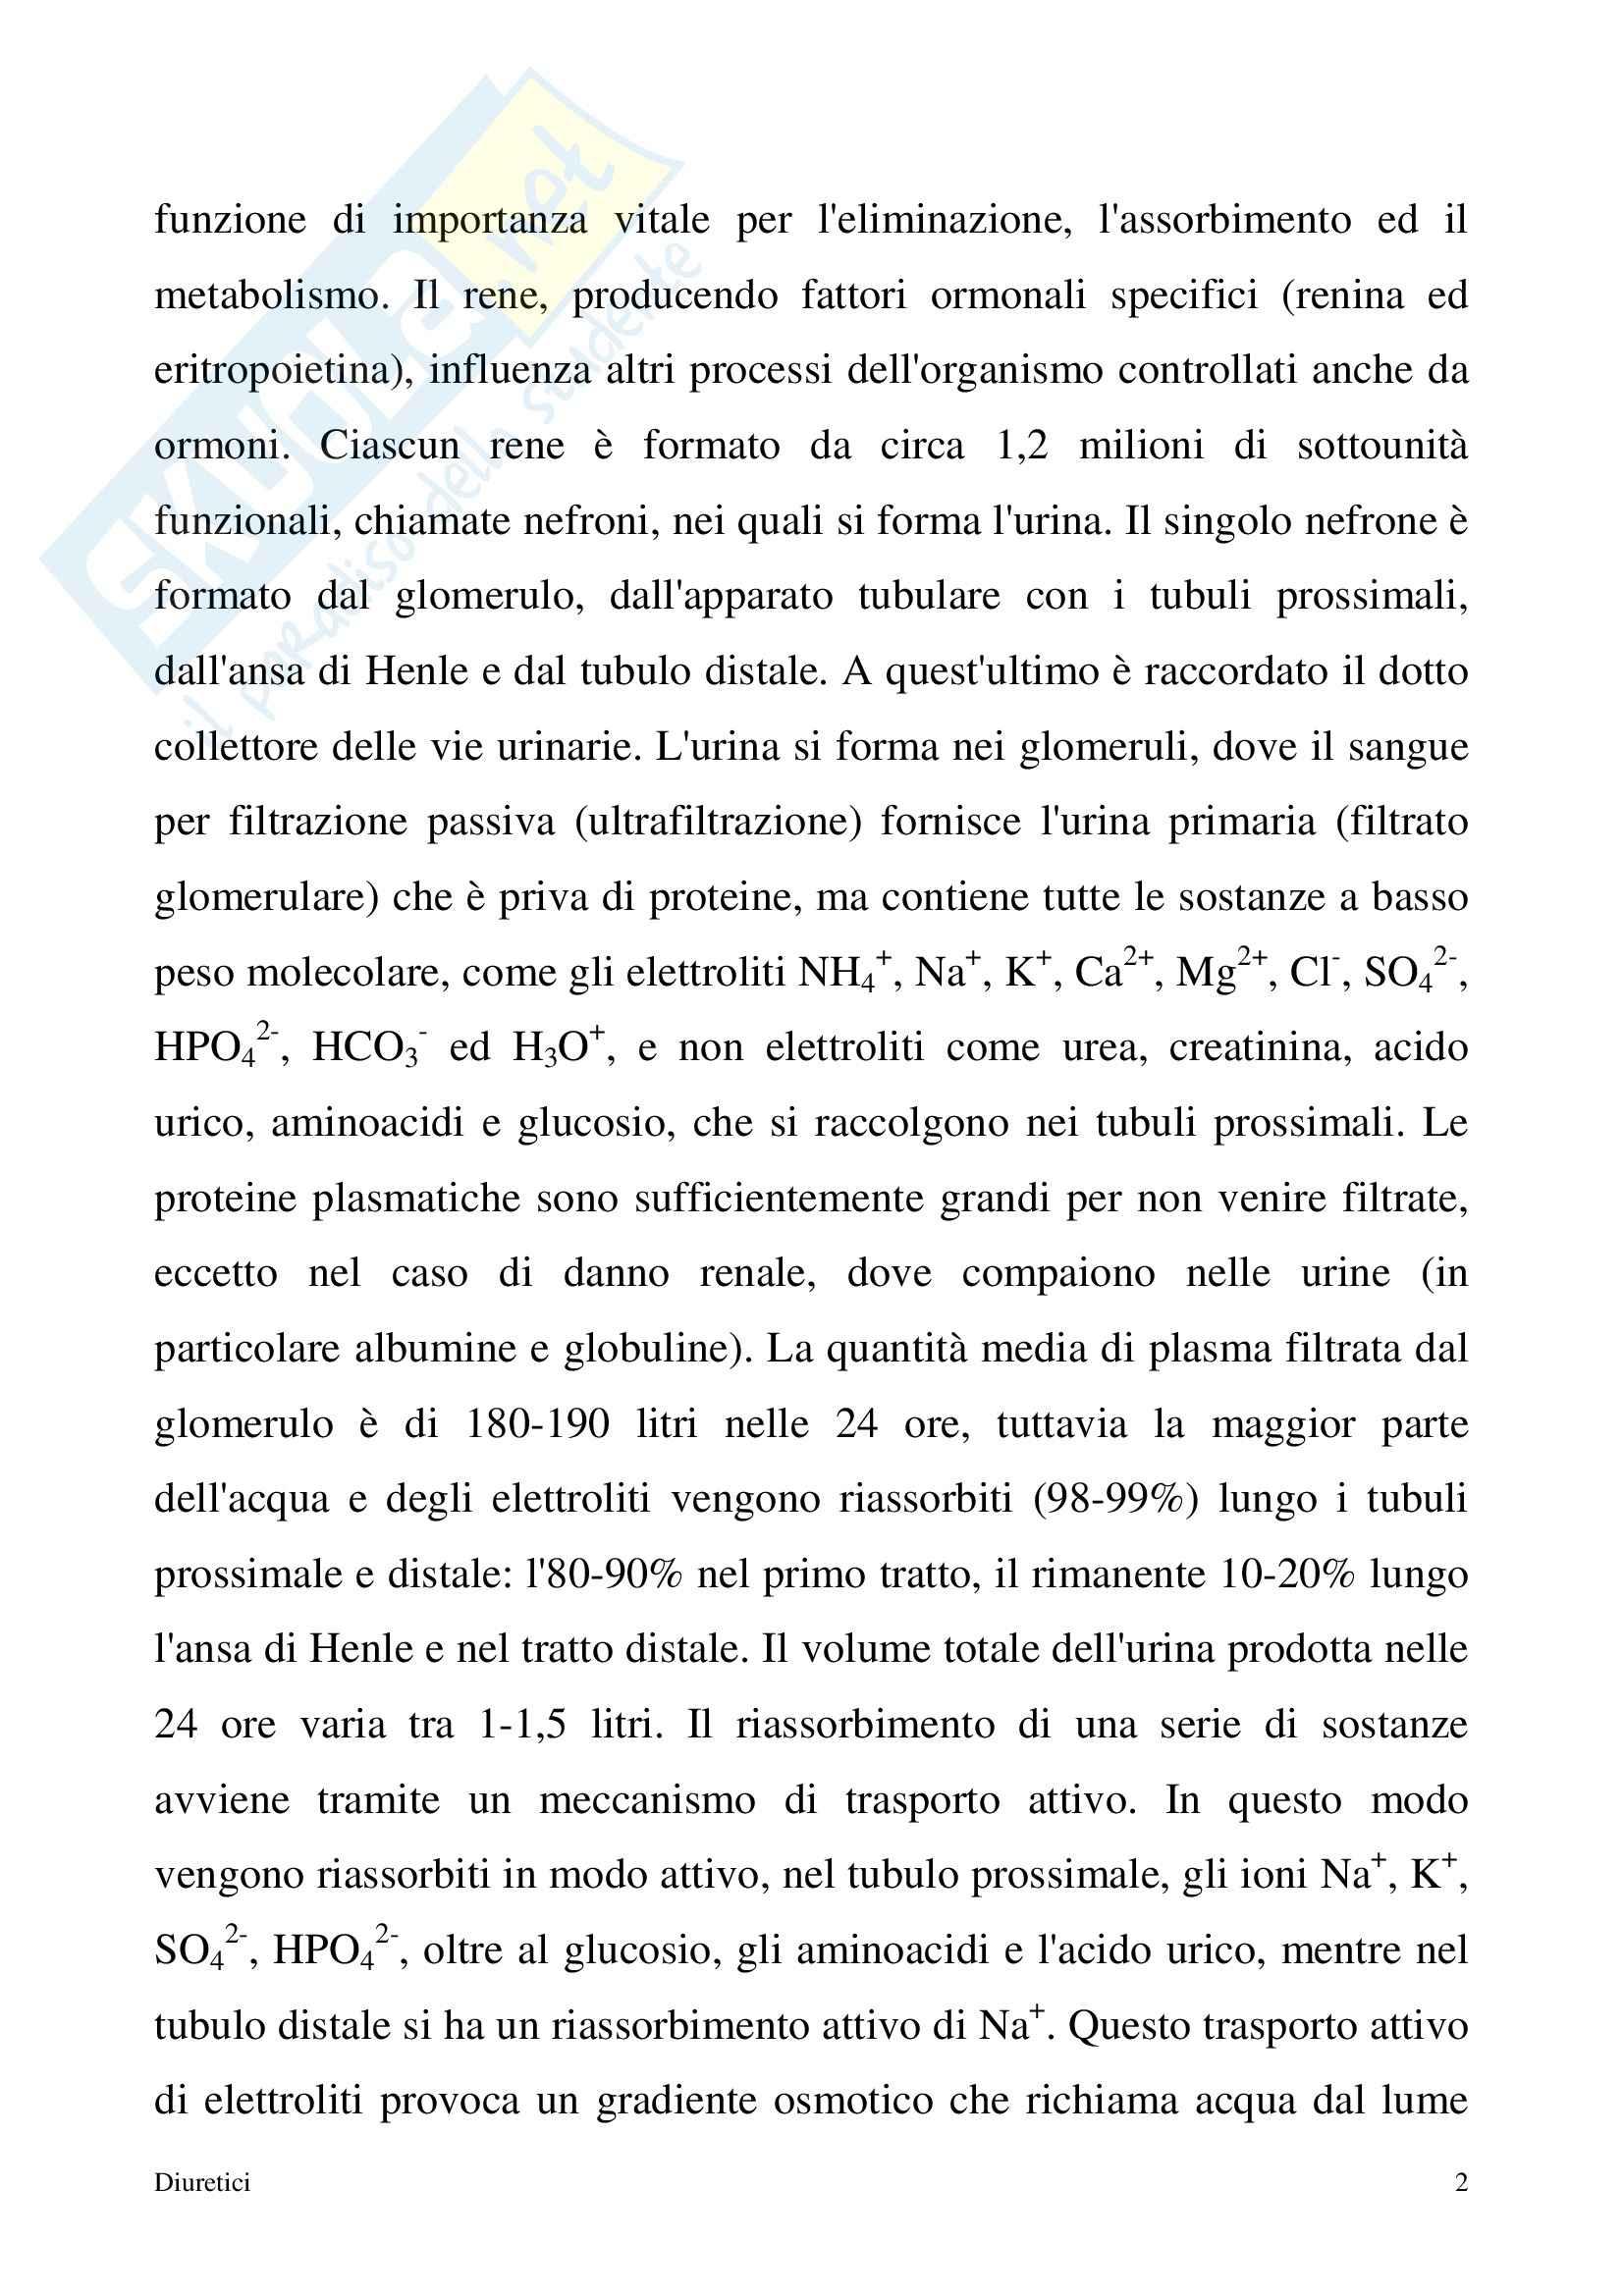 Chimica farmaceutica - diuretici Pag. 2